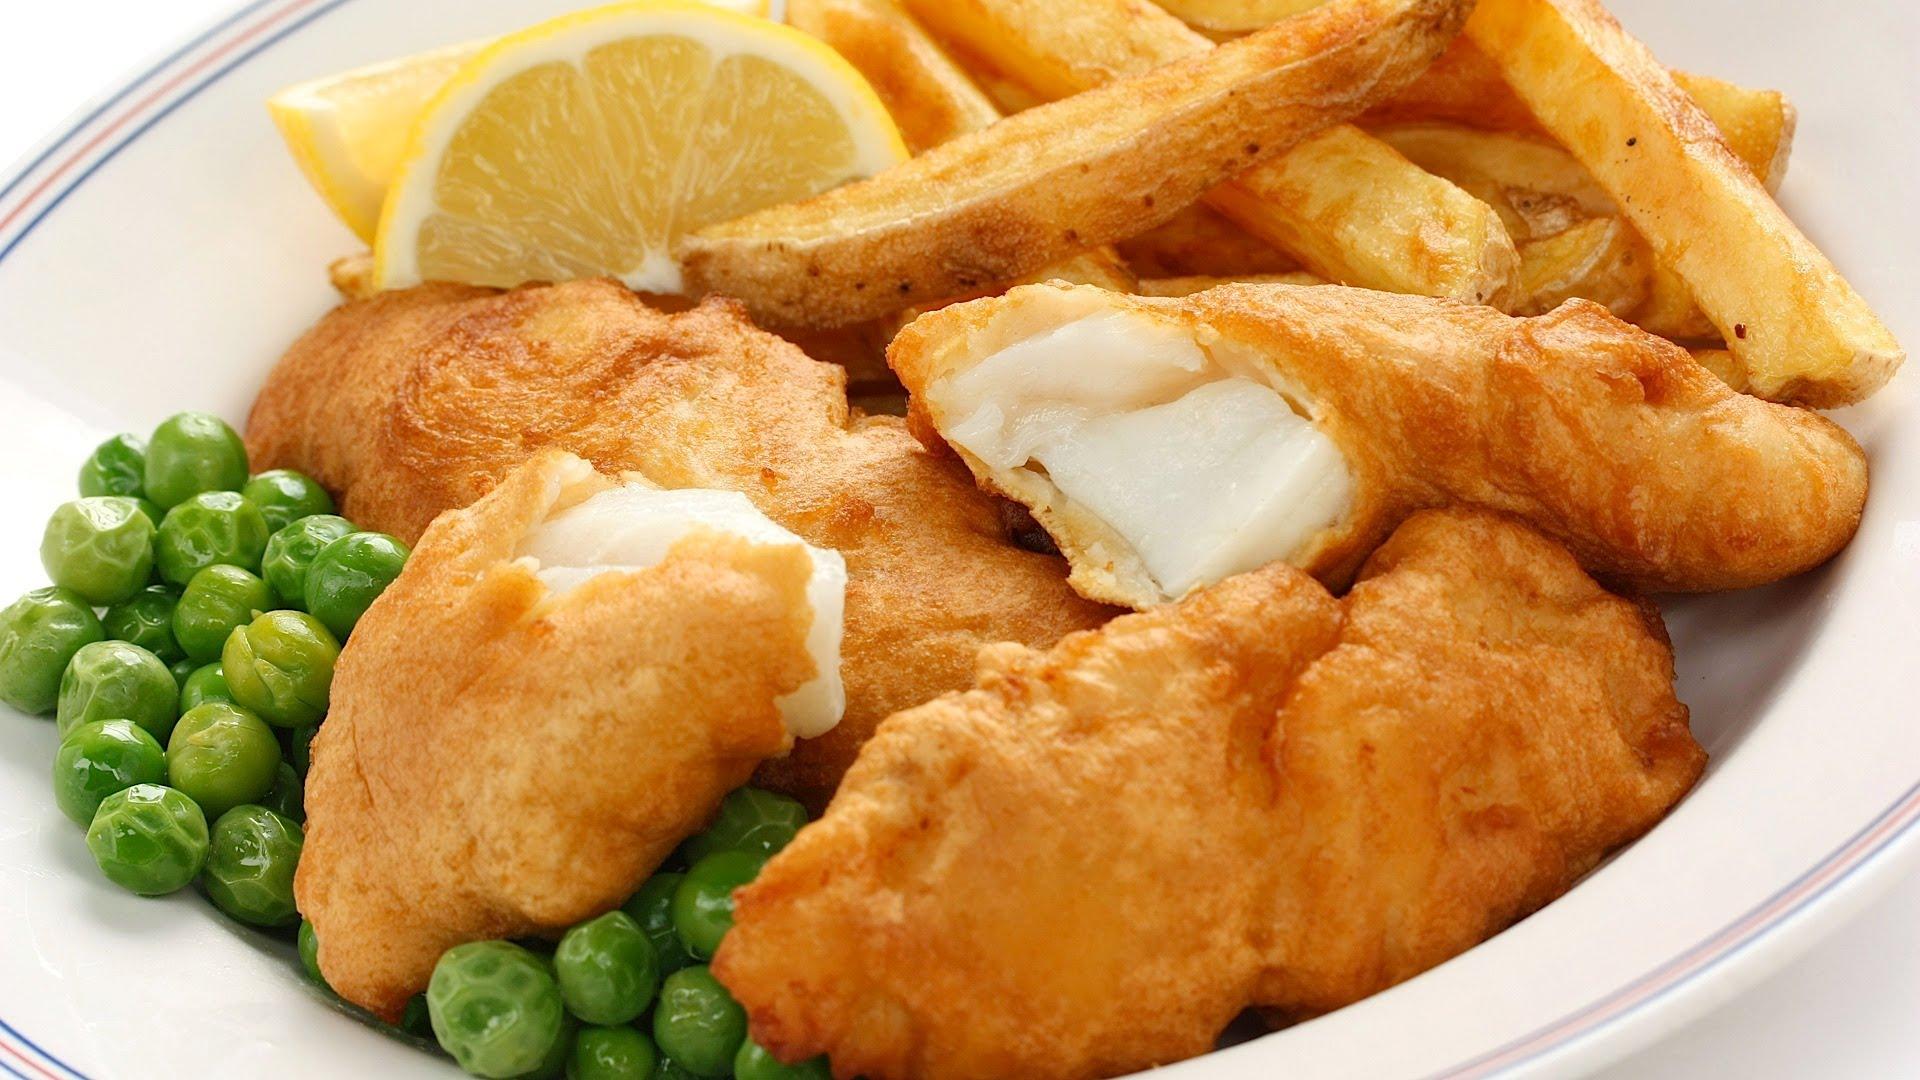 столы купить рыба орли рецепт с фото скульптурой, стека